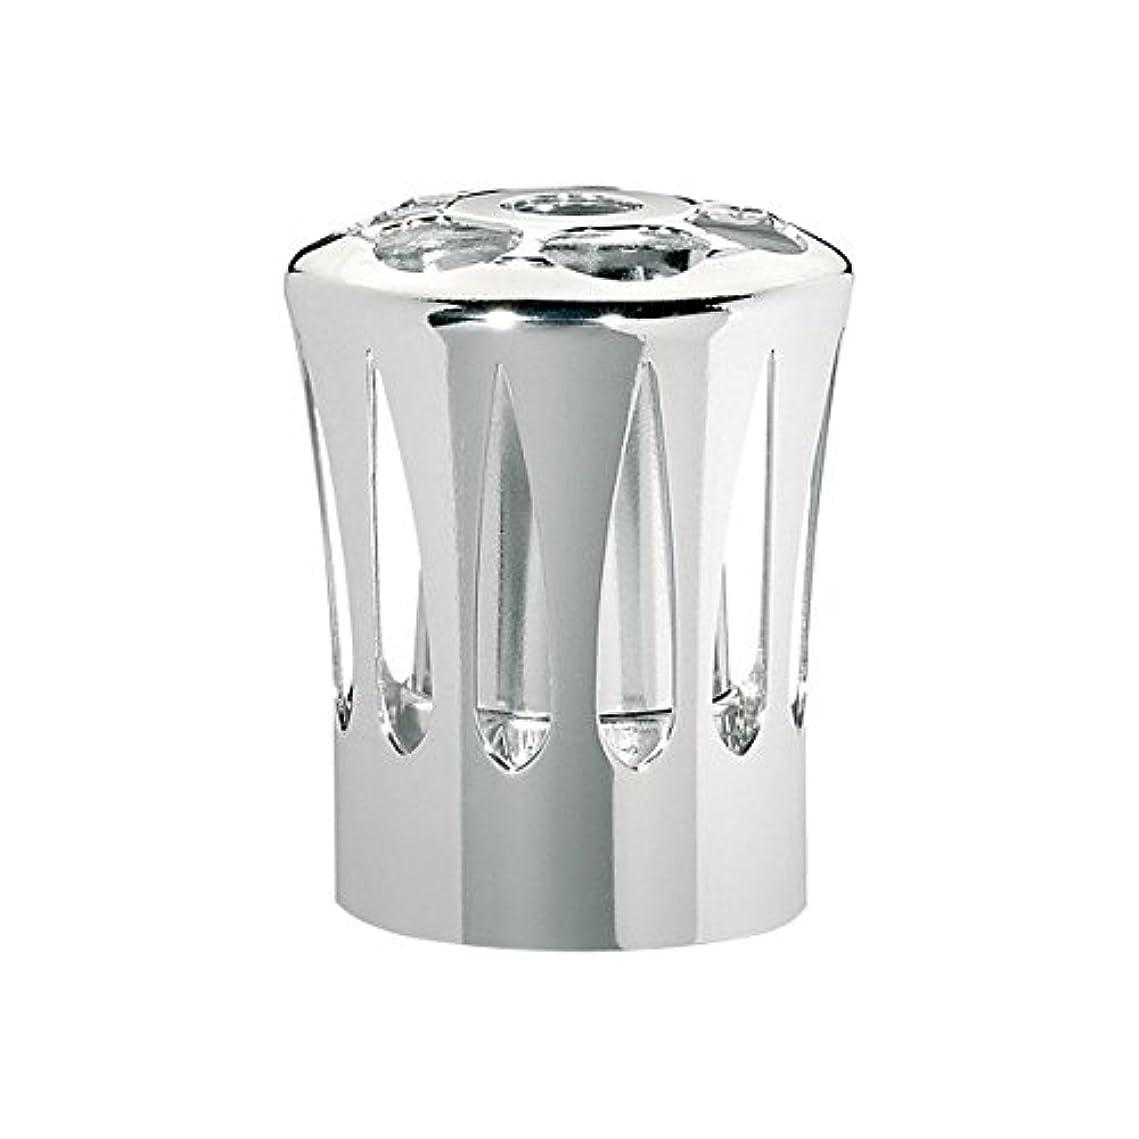 不機嫌そうな光電すりランプベルジェ(LAMPE BERGER) 安全キャップ【正規輸入品】飾り蓋シルバー